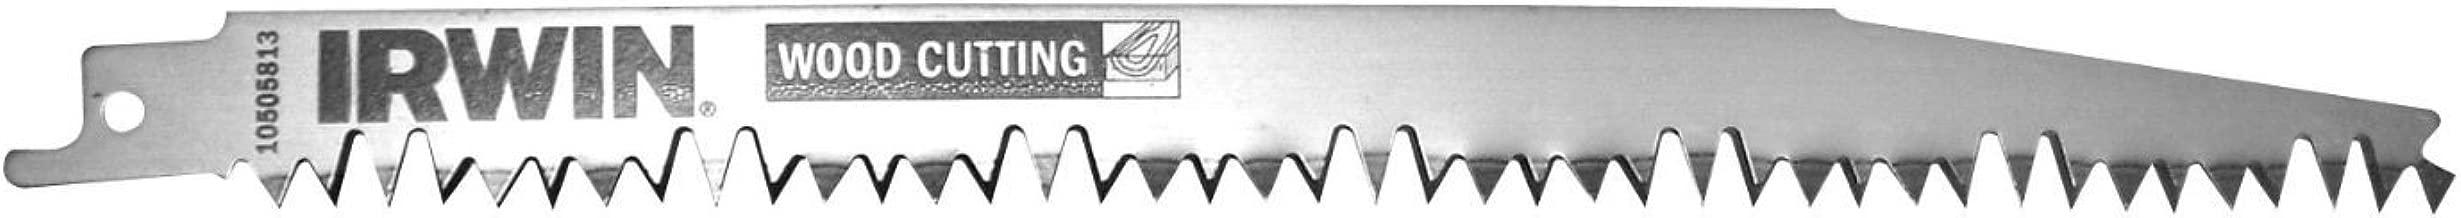 Lot de 5 0 voltsV 20578-818R 0 wattsW Lenox Scie sabre